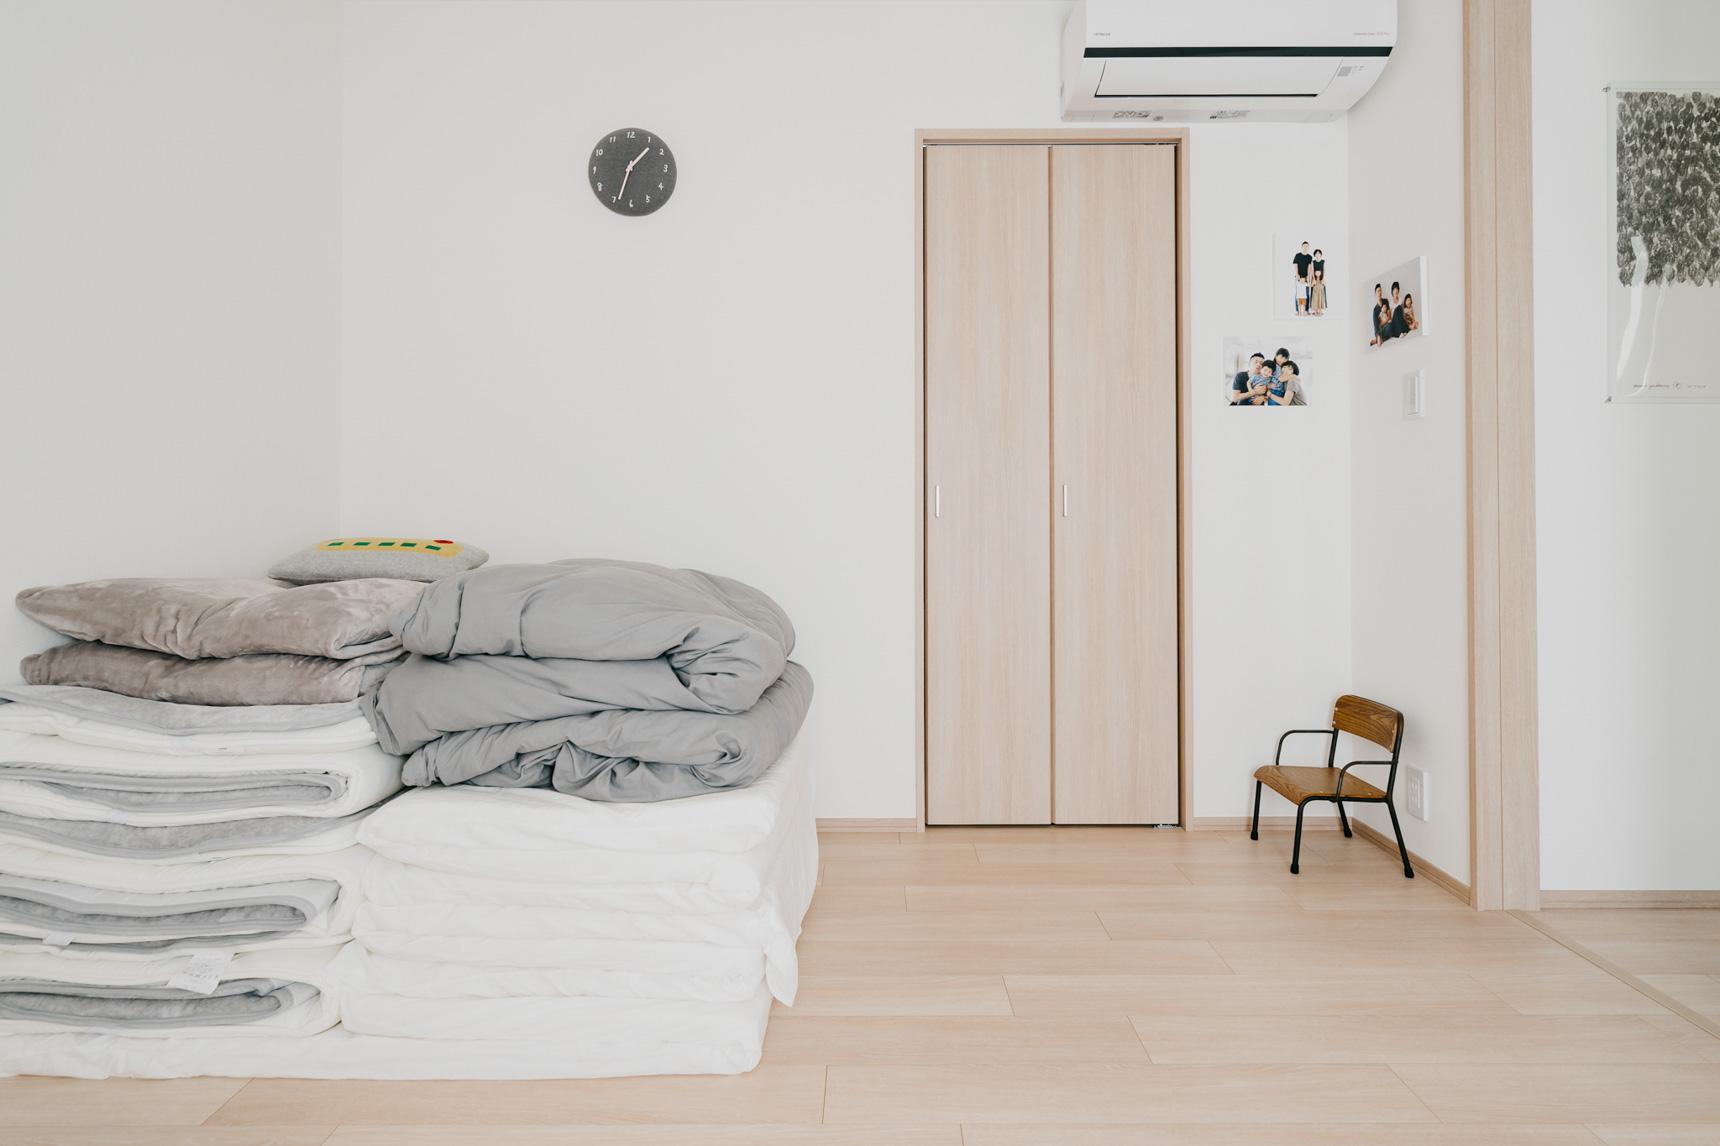 布団の出し入れが面倒でなければ、思い切ってベッドをやめて布団を使ってみるという方法もあります。ご家族が多い場合などにもおすすめ。(このお部屋をもっと見る)